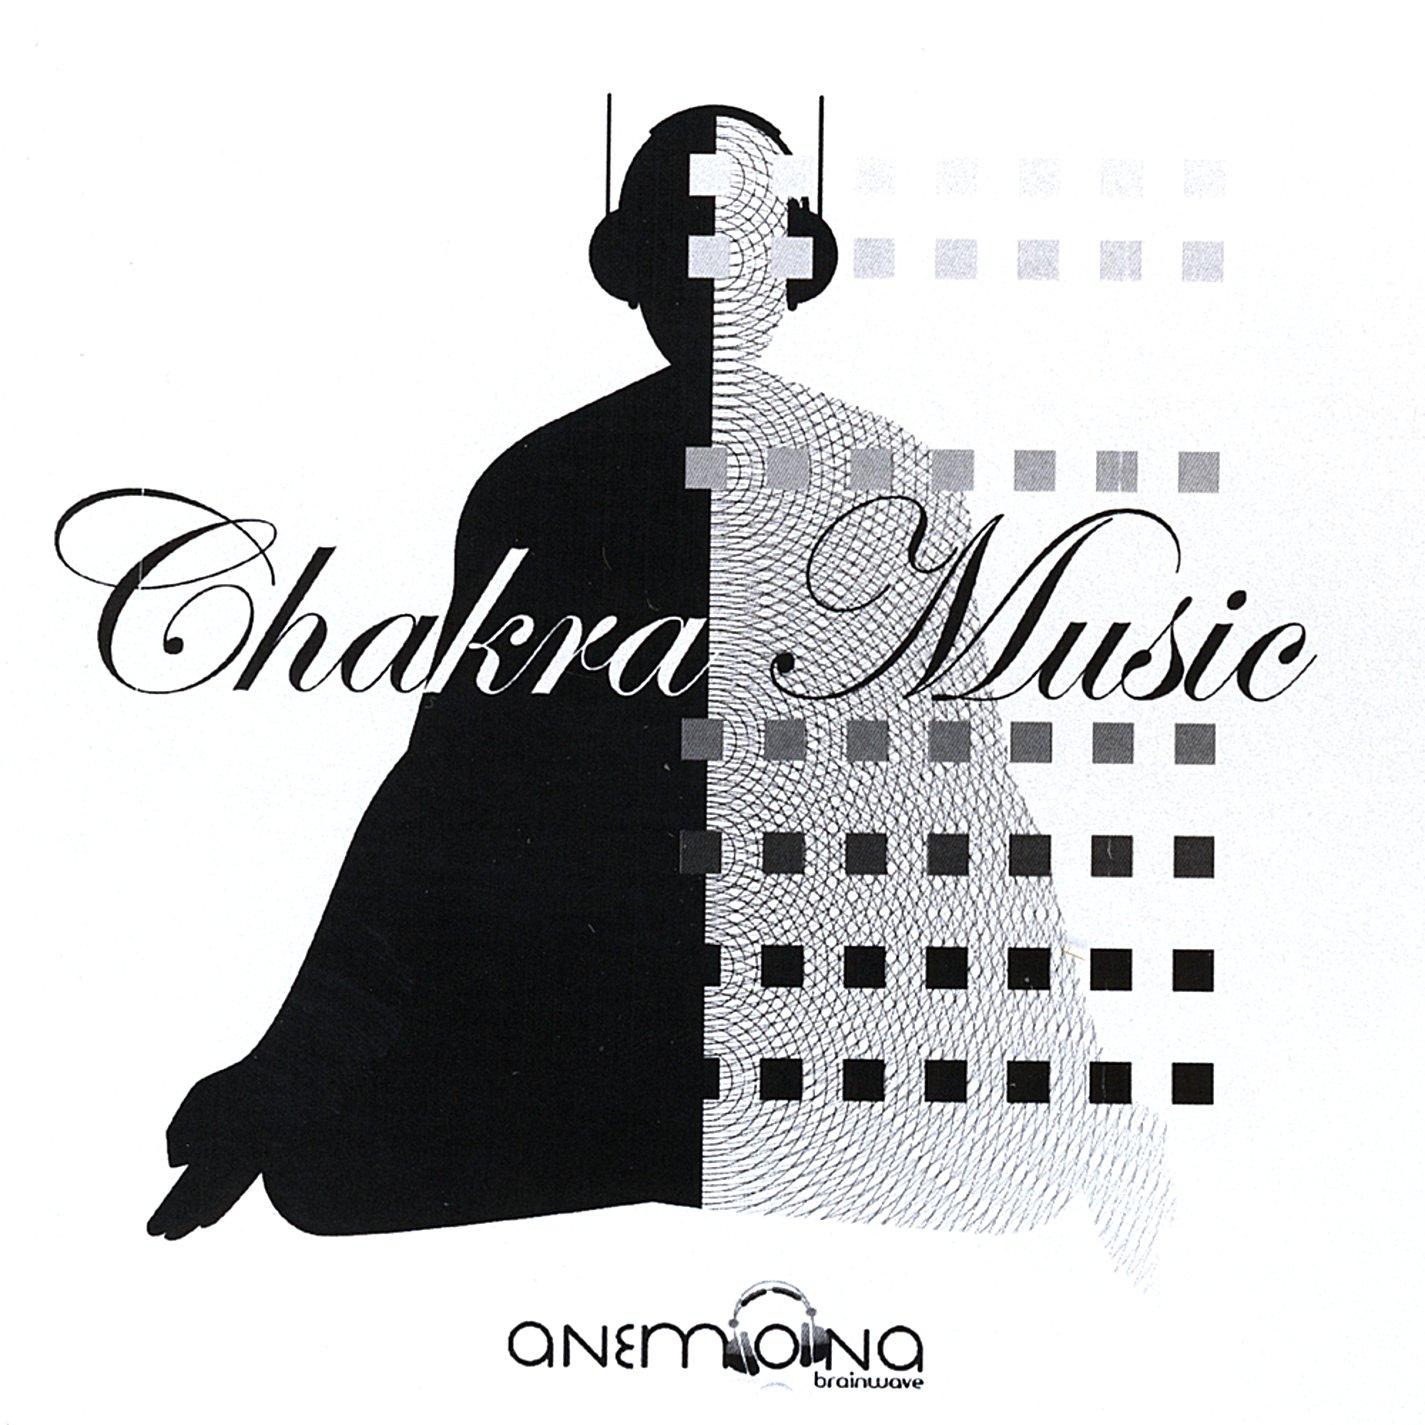 Chakra Music                                                                                                                                                                                                                                                    <span class=